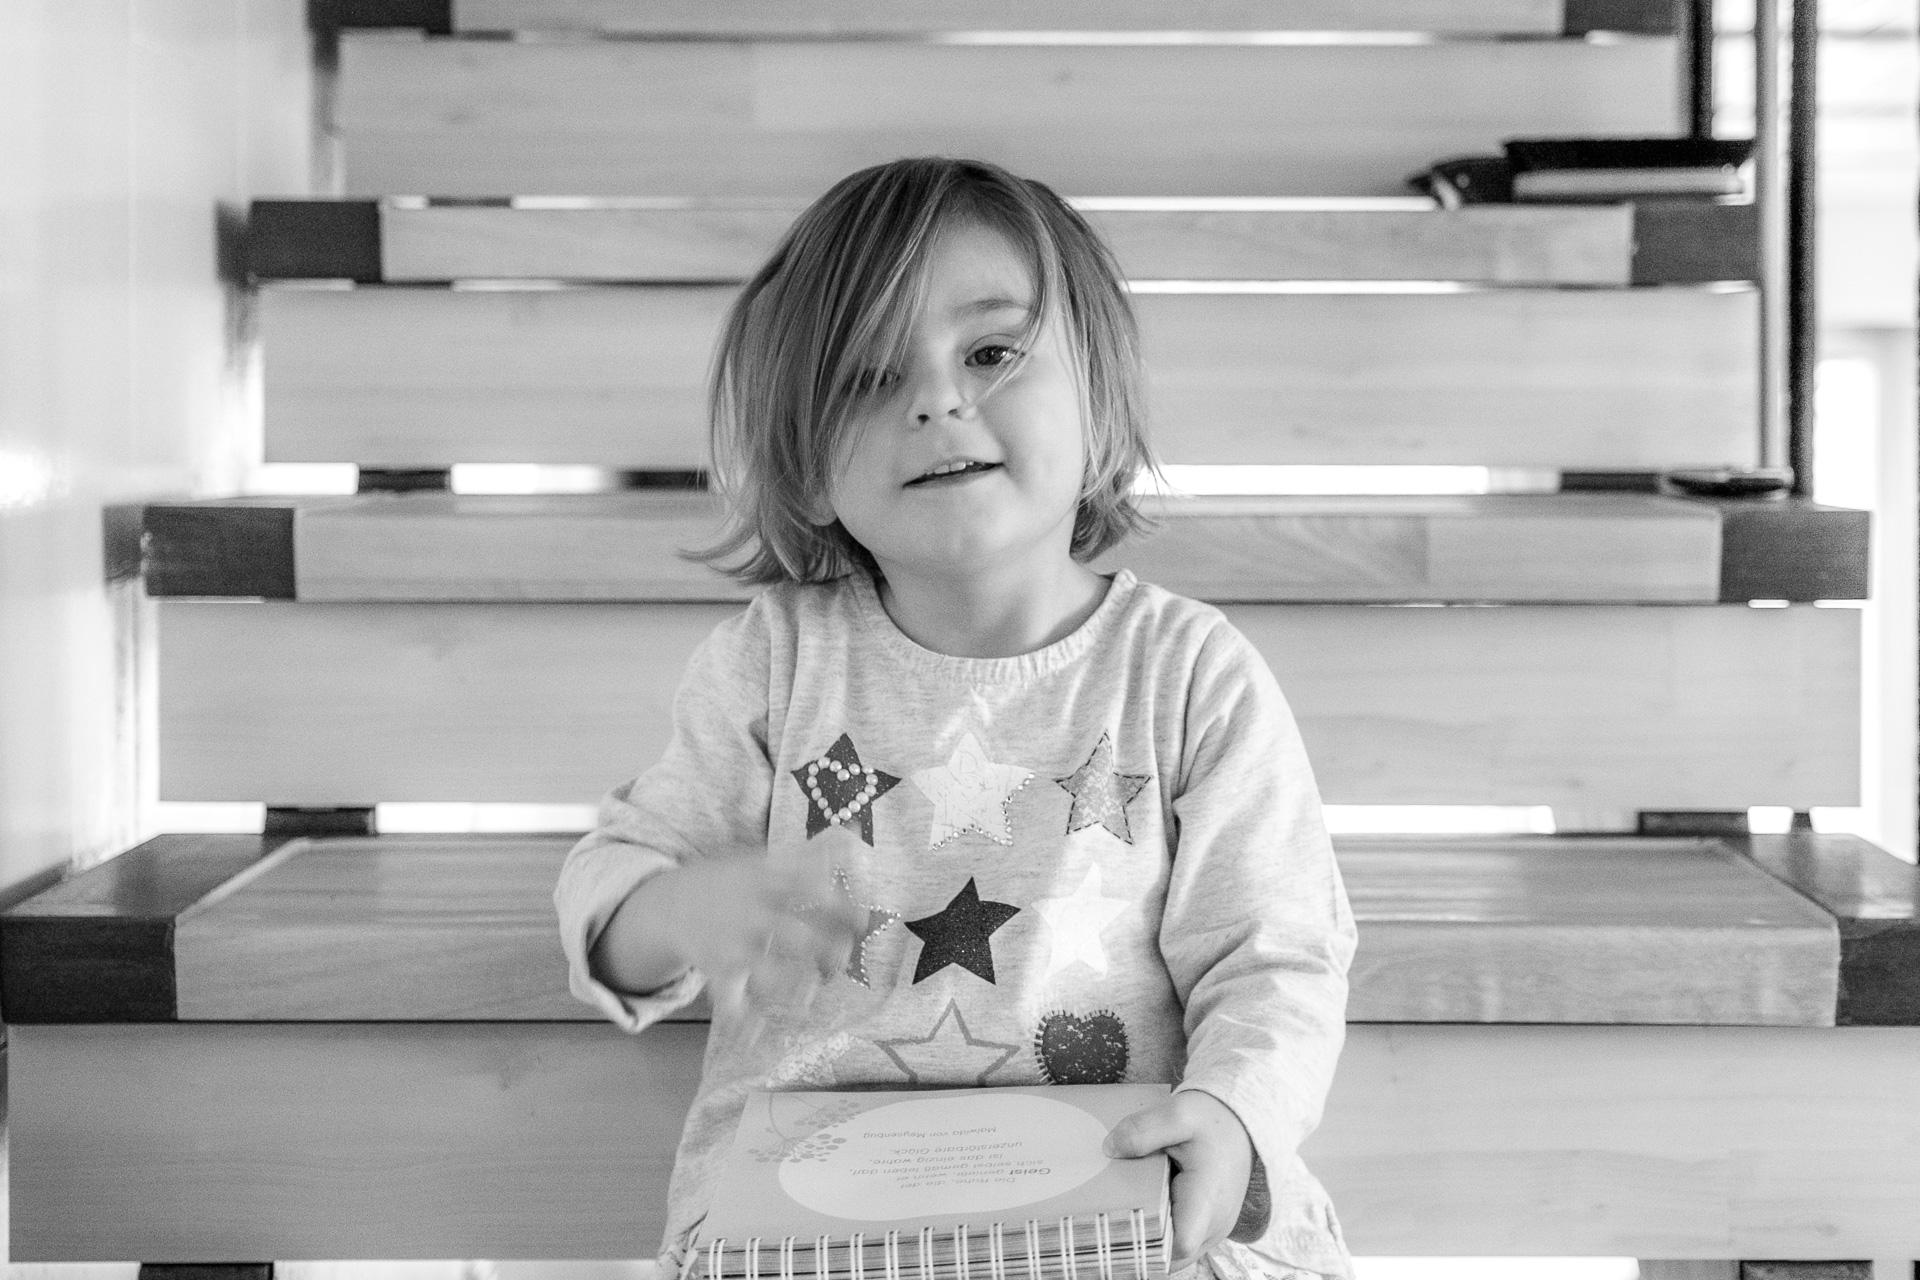 Kind auf Treppe von vorne in Esslingen